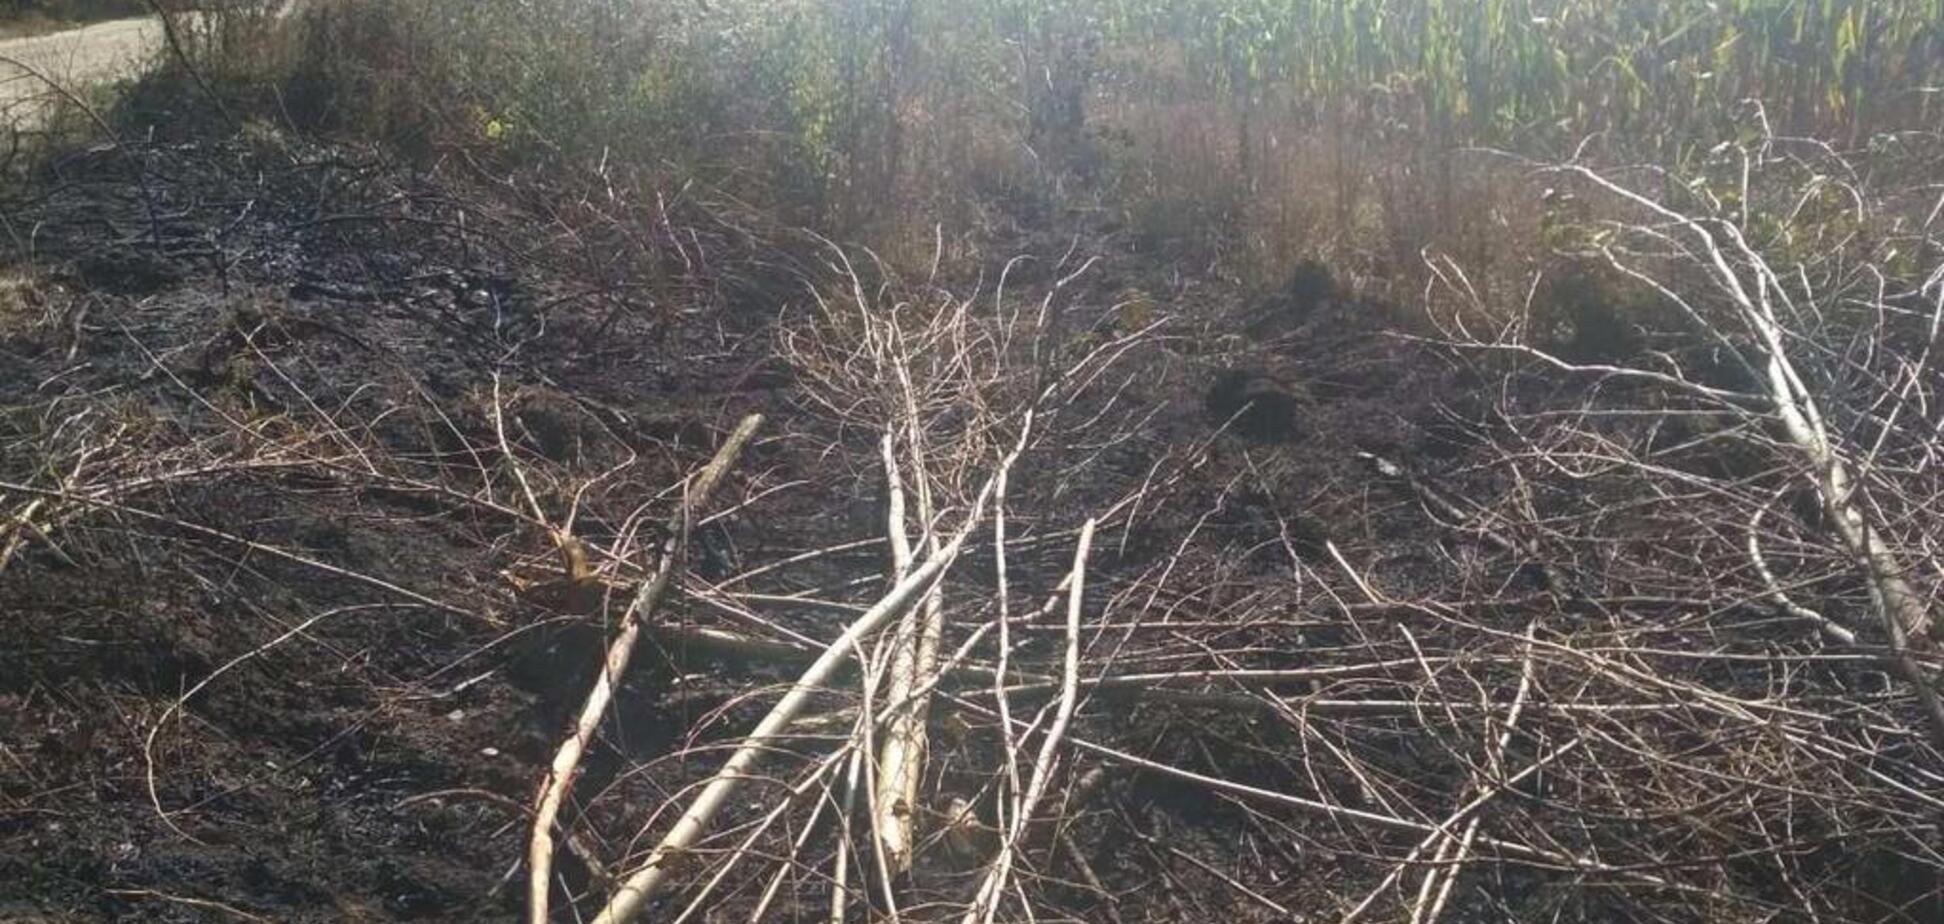 На Київщині через загоряння сухої трави загинули дві особи: всі деталі